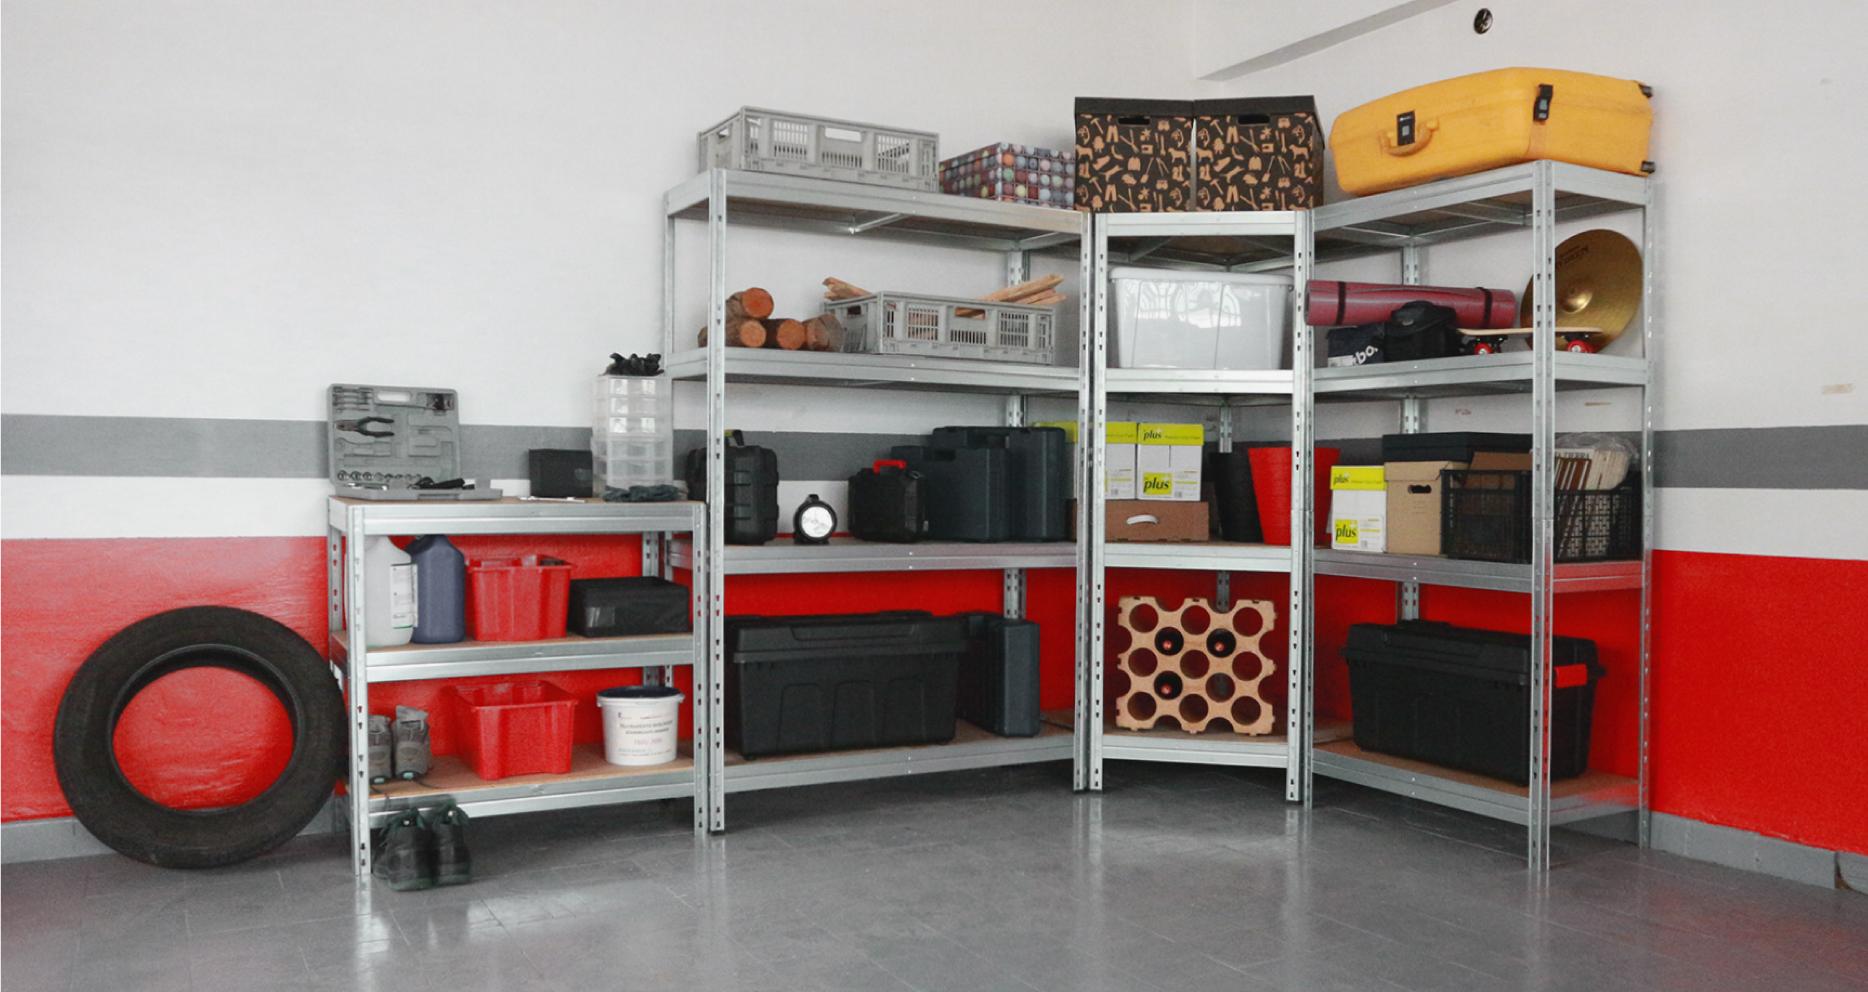 Ordnung und Organisation in der Garage